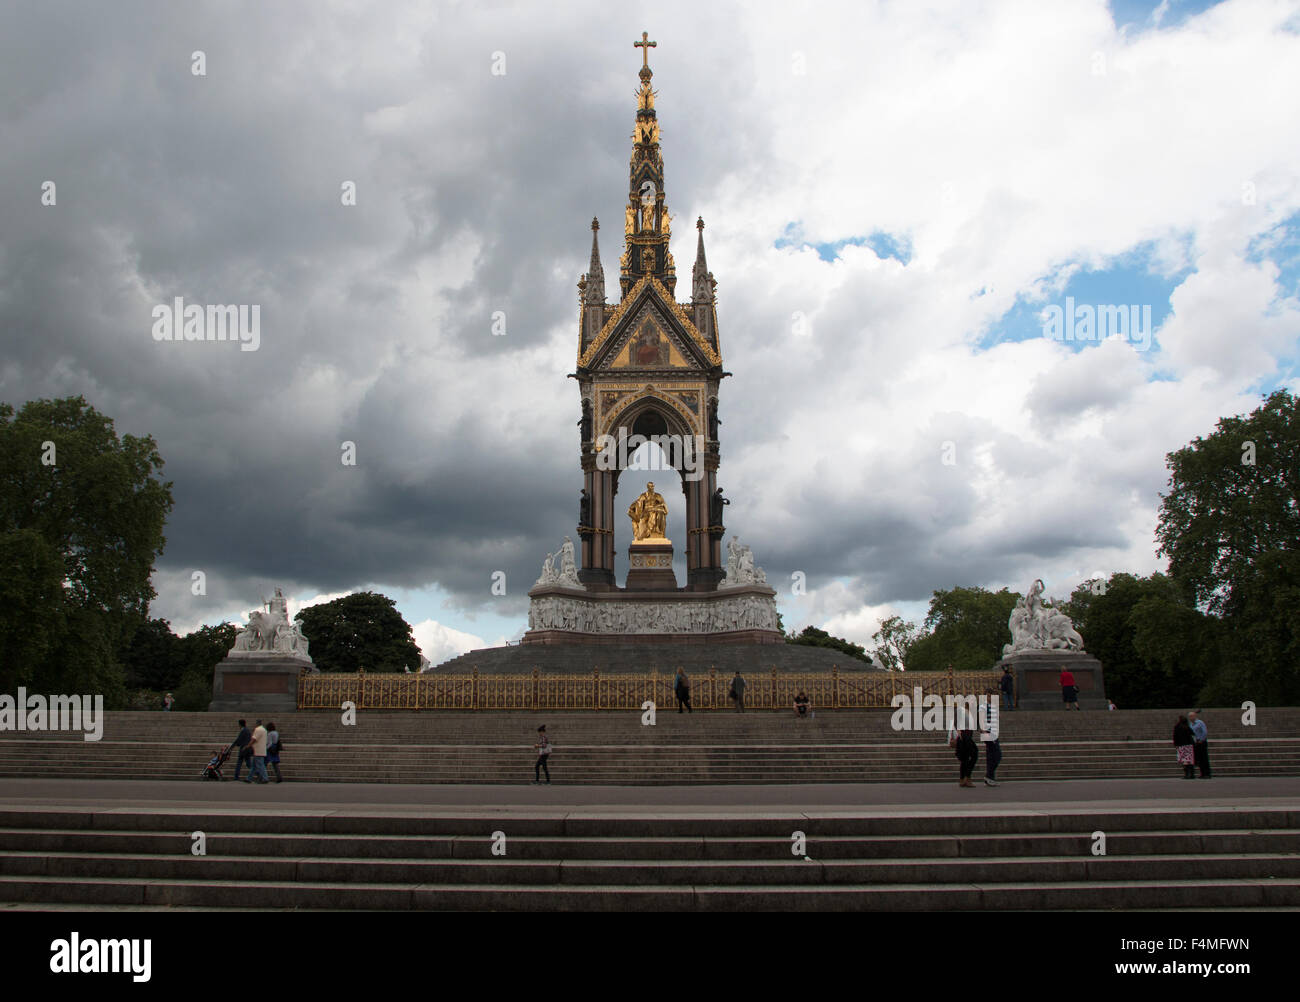 The Albert Memorial Kensington Gardens London - Stock Image